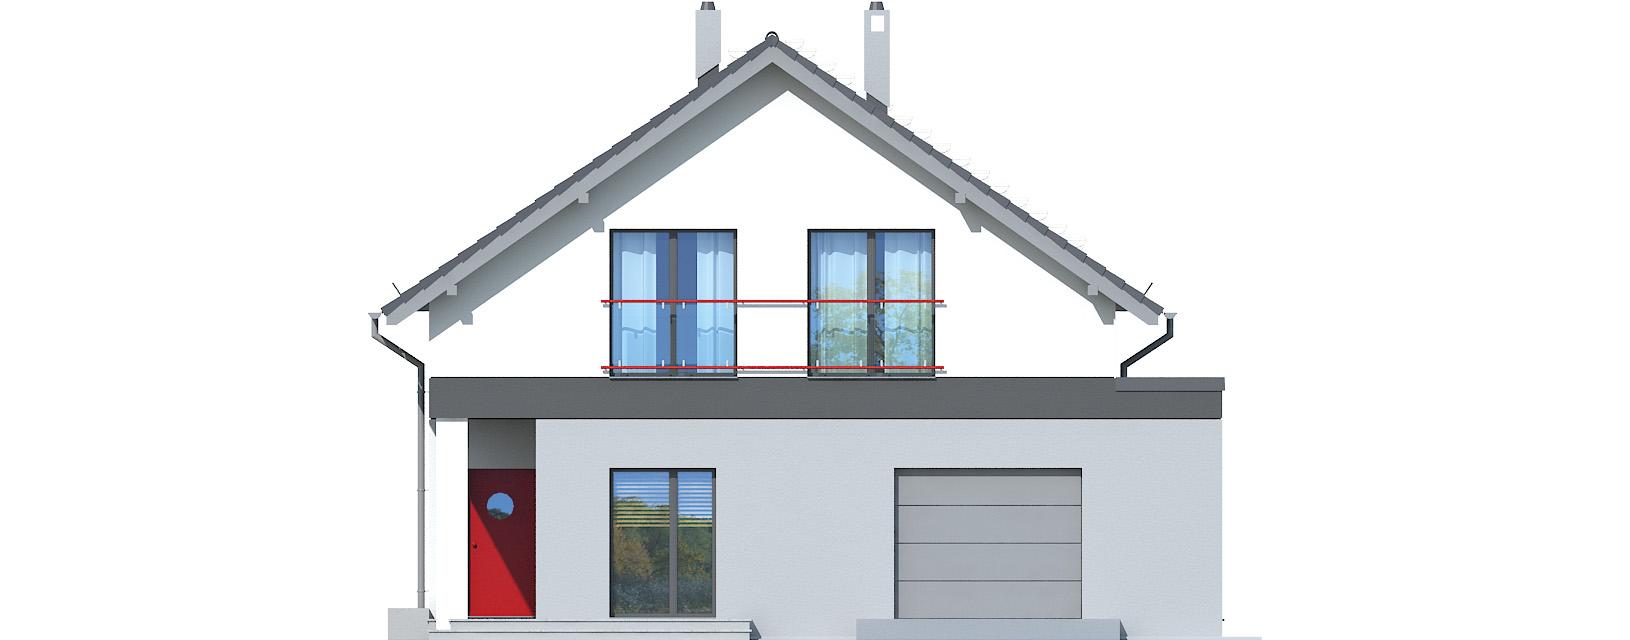 Projekt domu WĄSKI Domy Czystej Energii elewacja frontowa